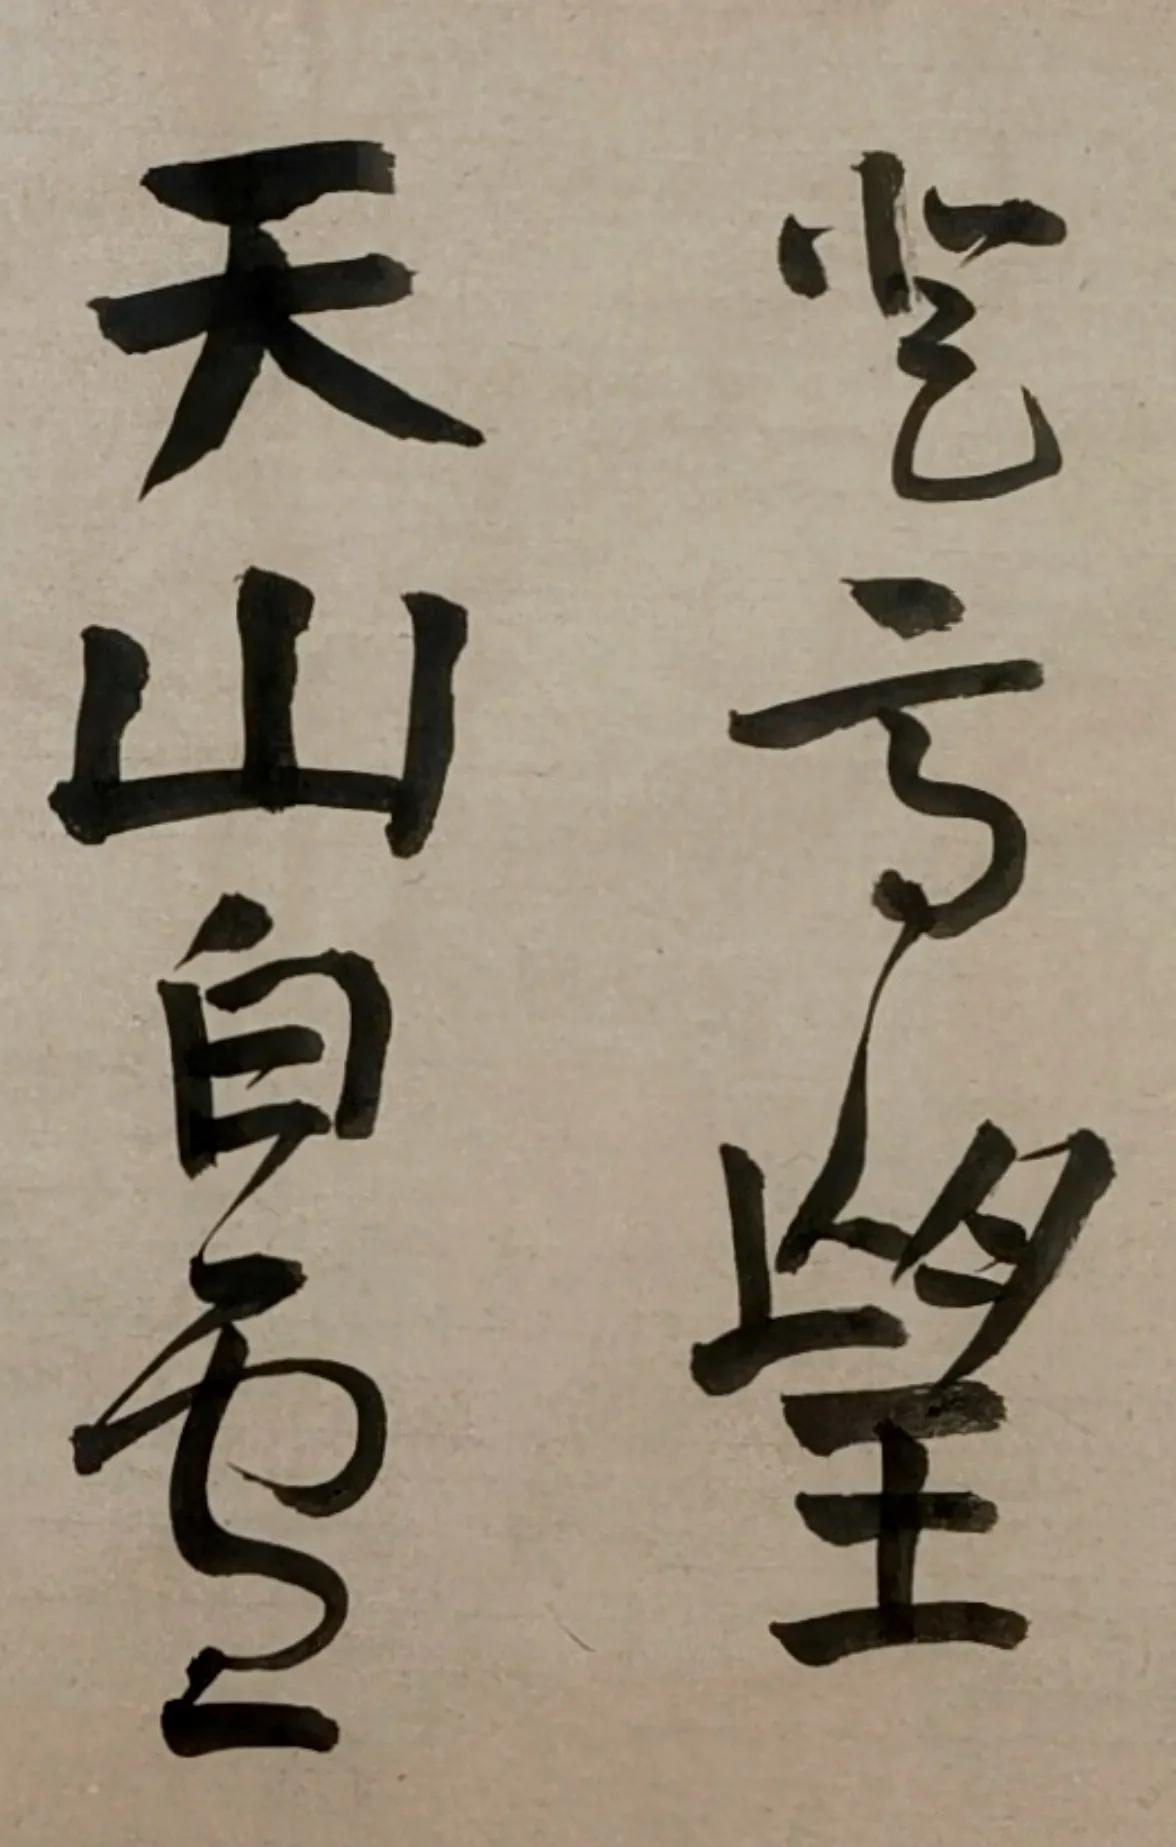 著名书画家戴军临写《裴将军诗帖》,如一首狂飚曲表达对豪放生命的礼赞